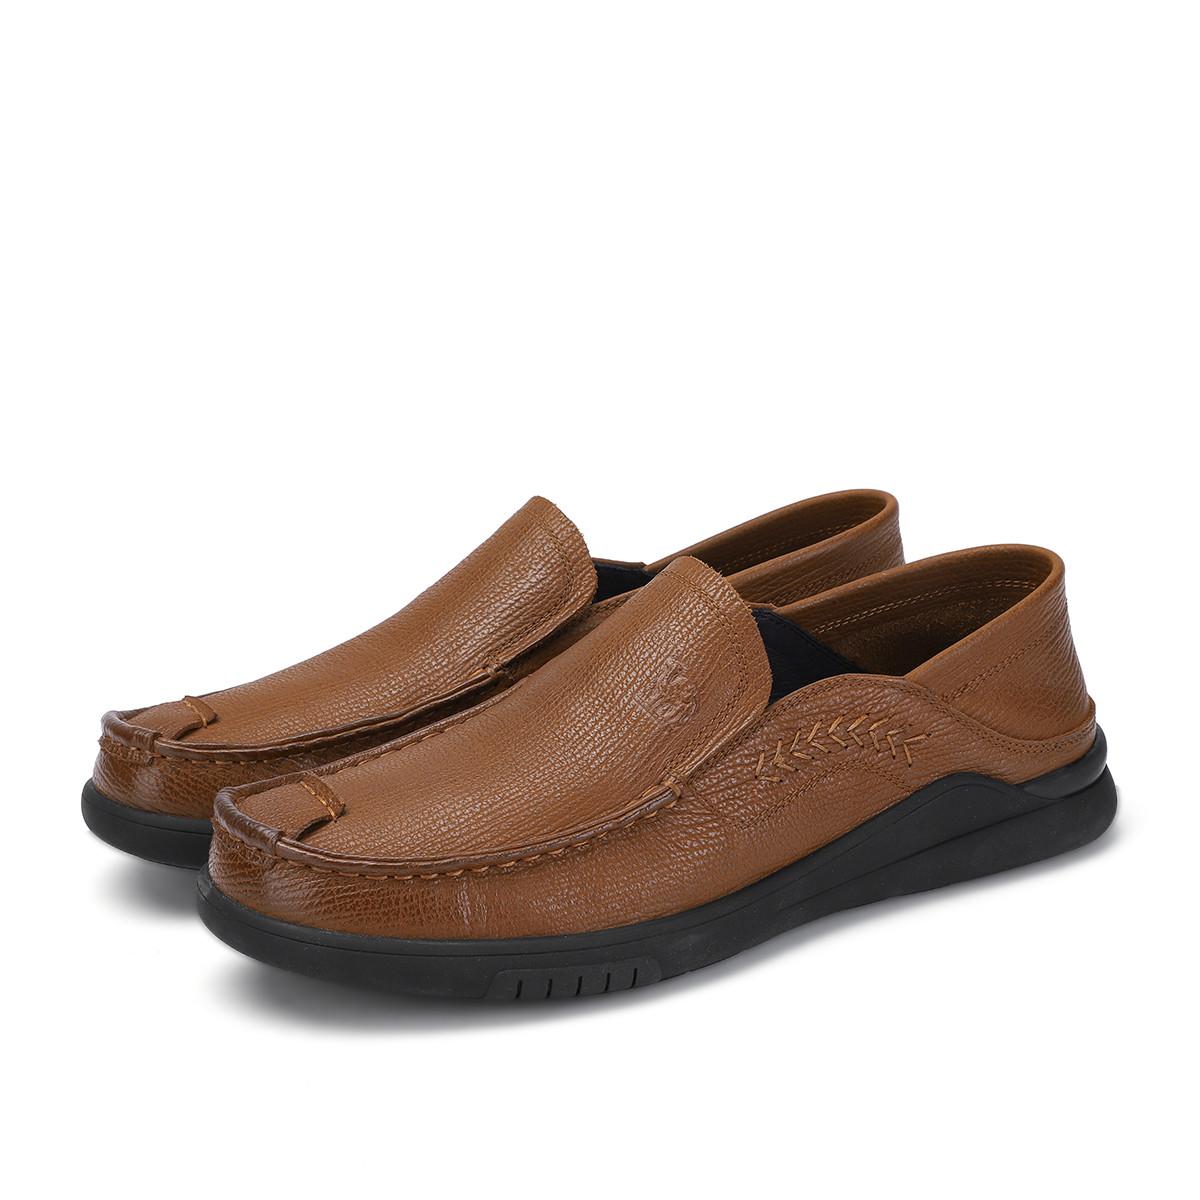 骆驼皮鞋男日常休闲鞋舒适耐磨真皮皮鞋简约套脚休闲皮鞋90820541912050TH